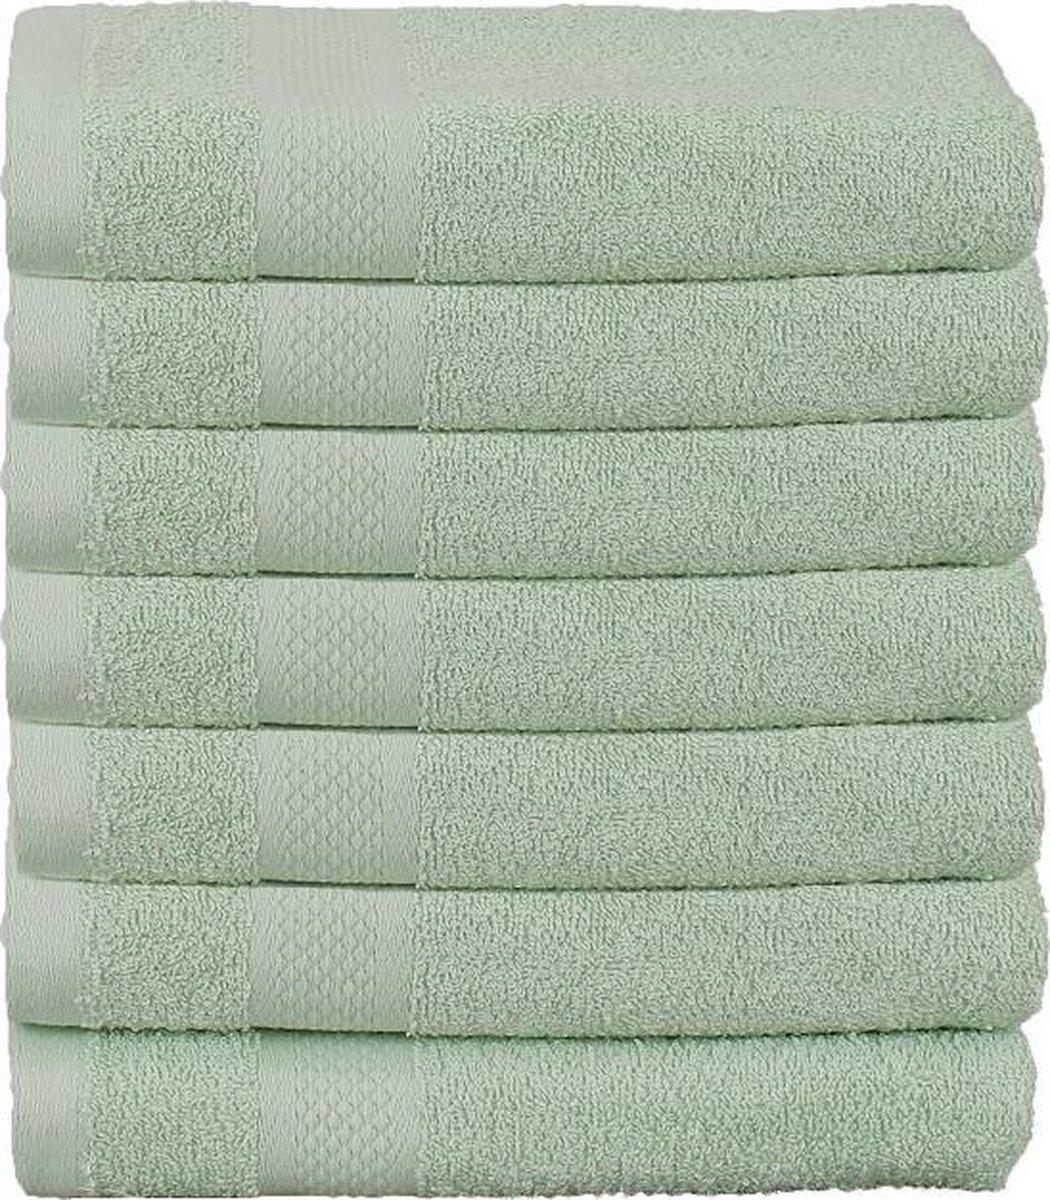 Pure Inno Handdoekset - 14 stuks - Mint groen - 50x100cm - Luxe set